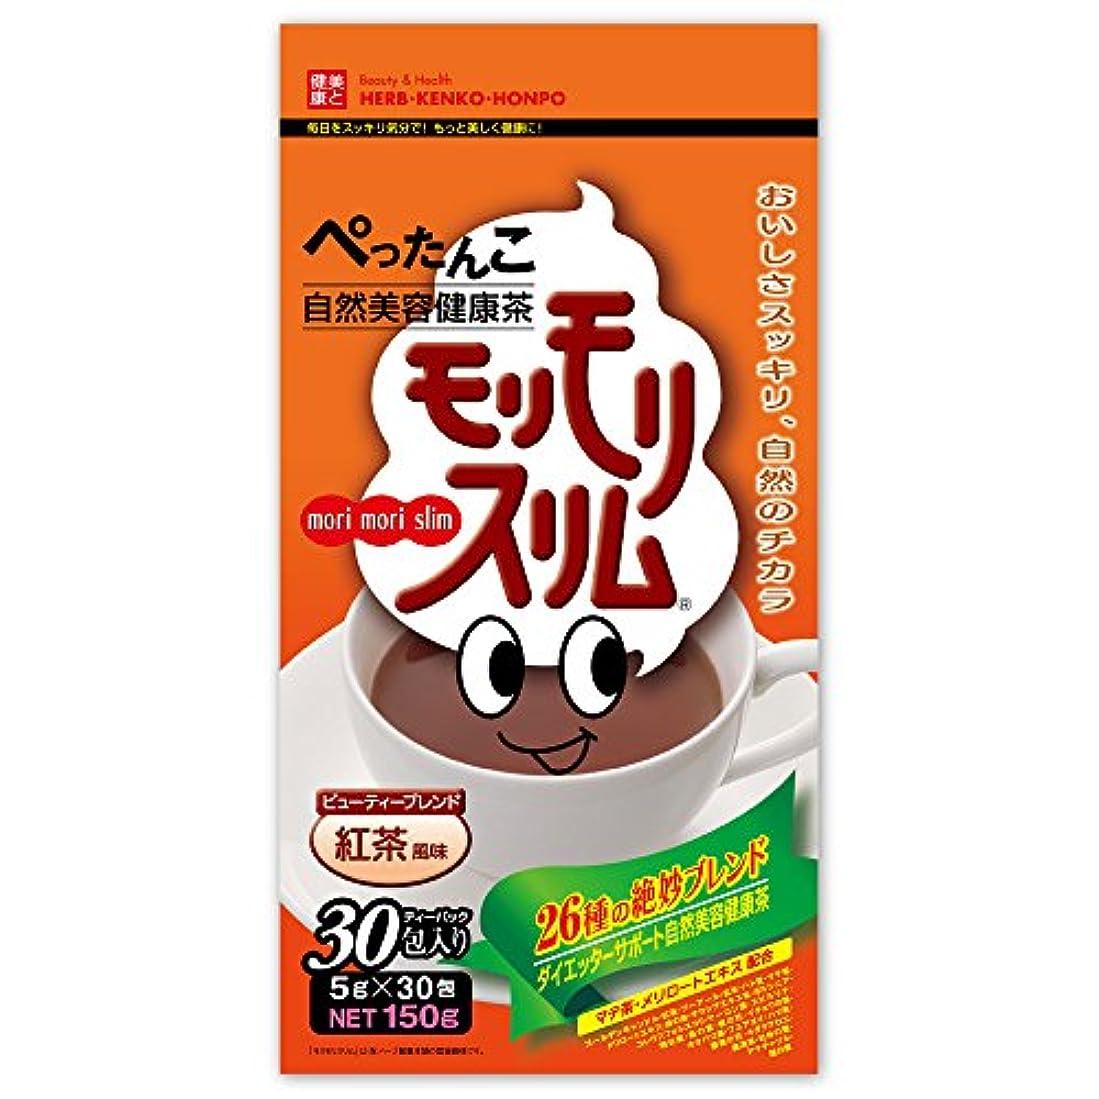 持参純度勝利ハーブ健康本舗 モリモリスリム(紅茶風味) (30包)